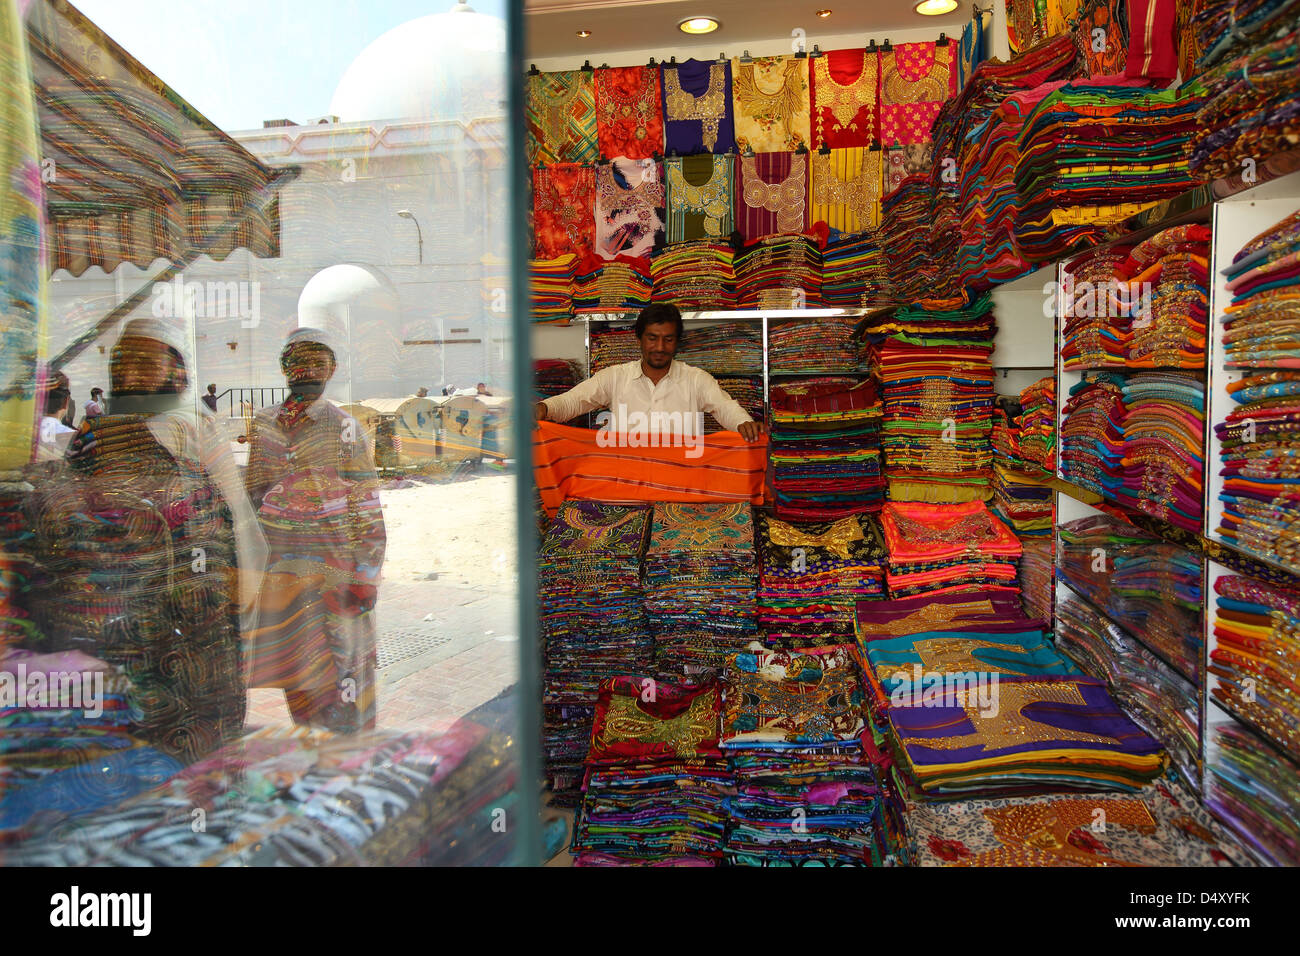 Uomo che piega il tessuto in negozio di tessuti, Dubai, Emirati Arabi Uniti Immagini Stock